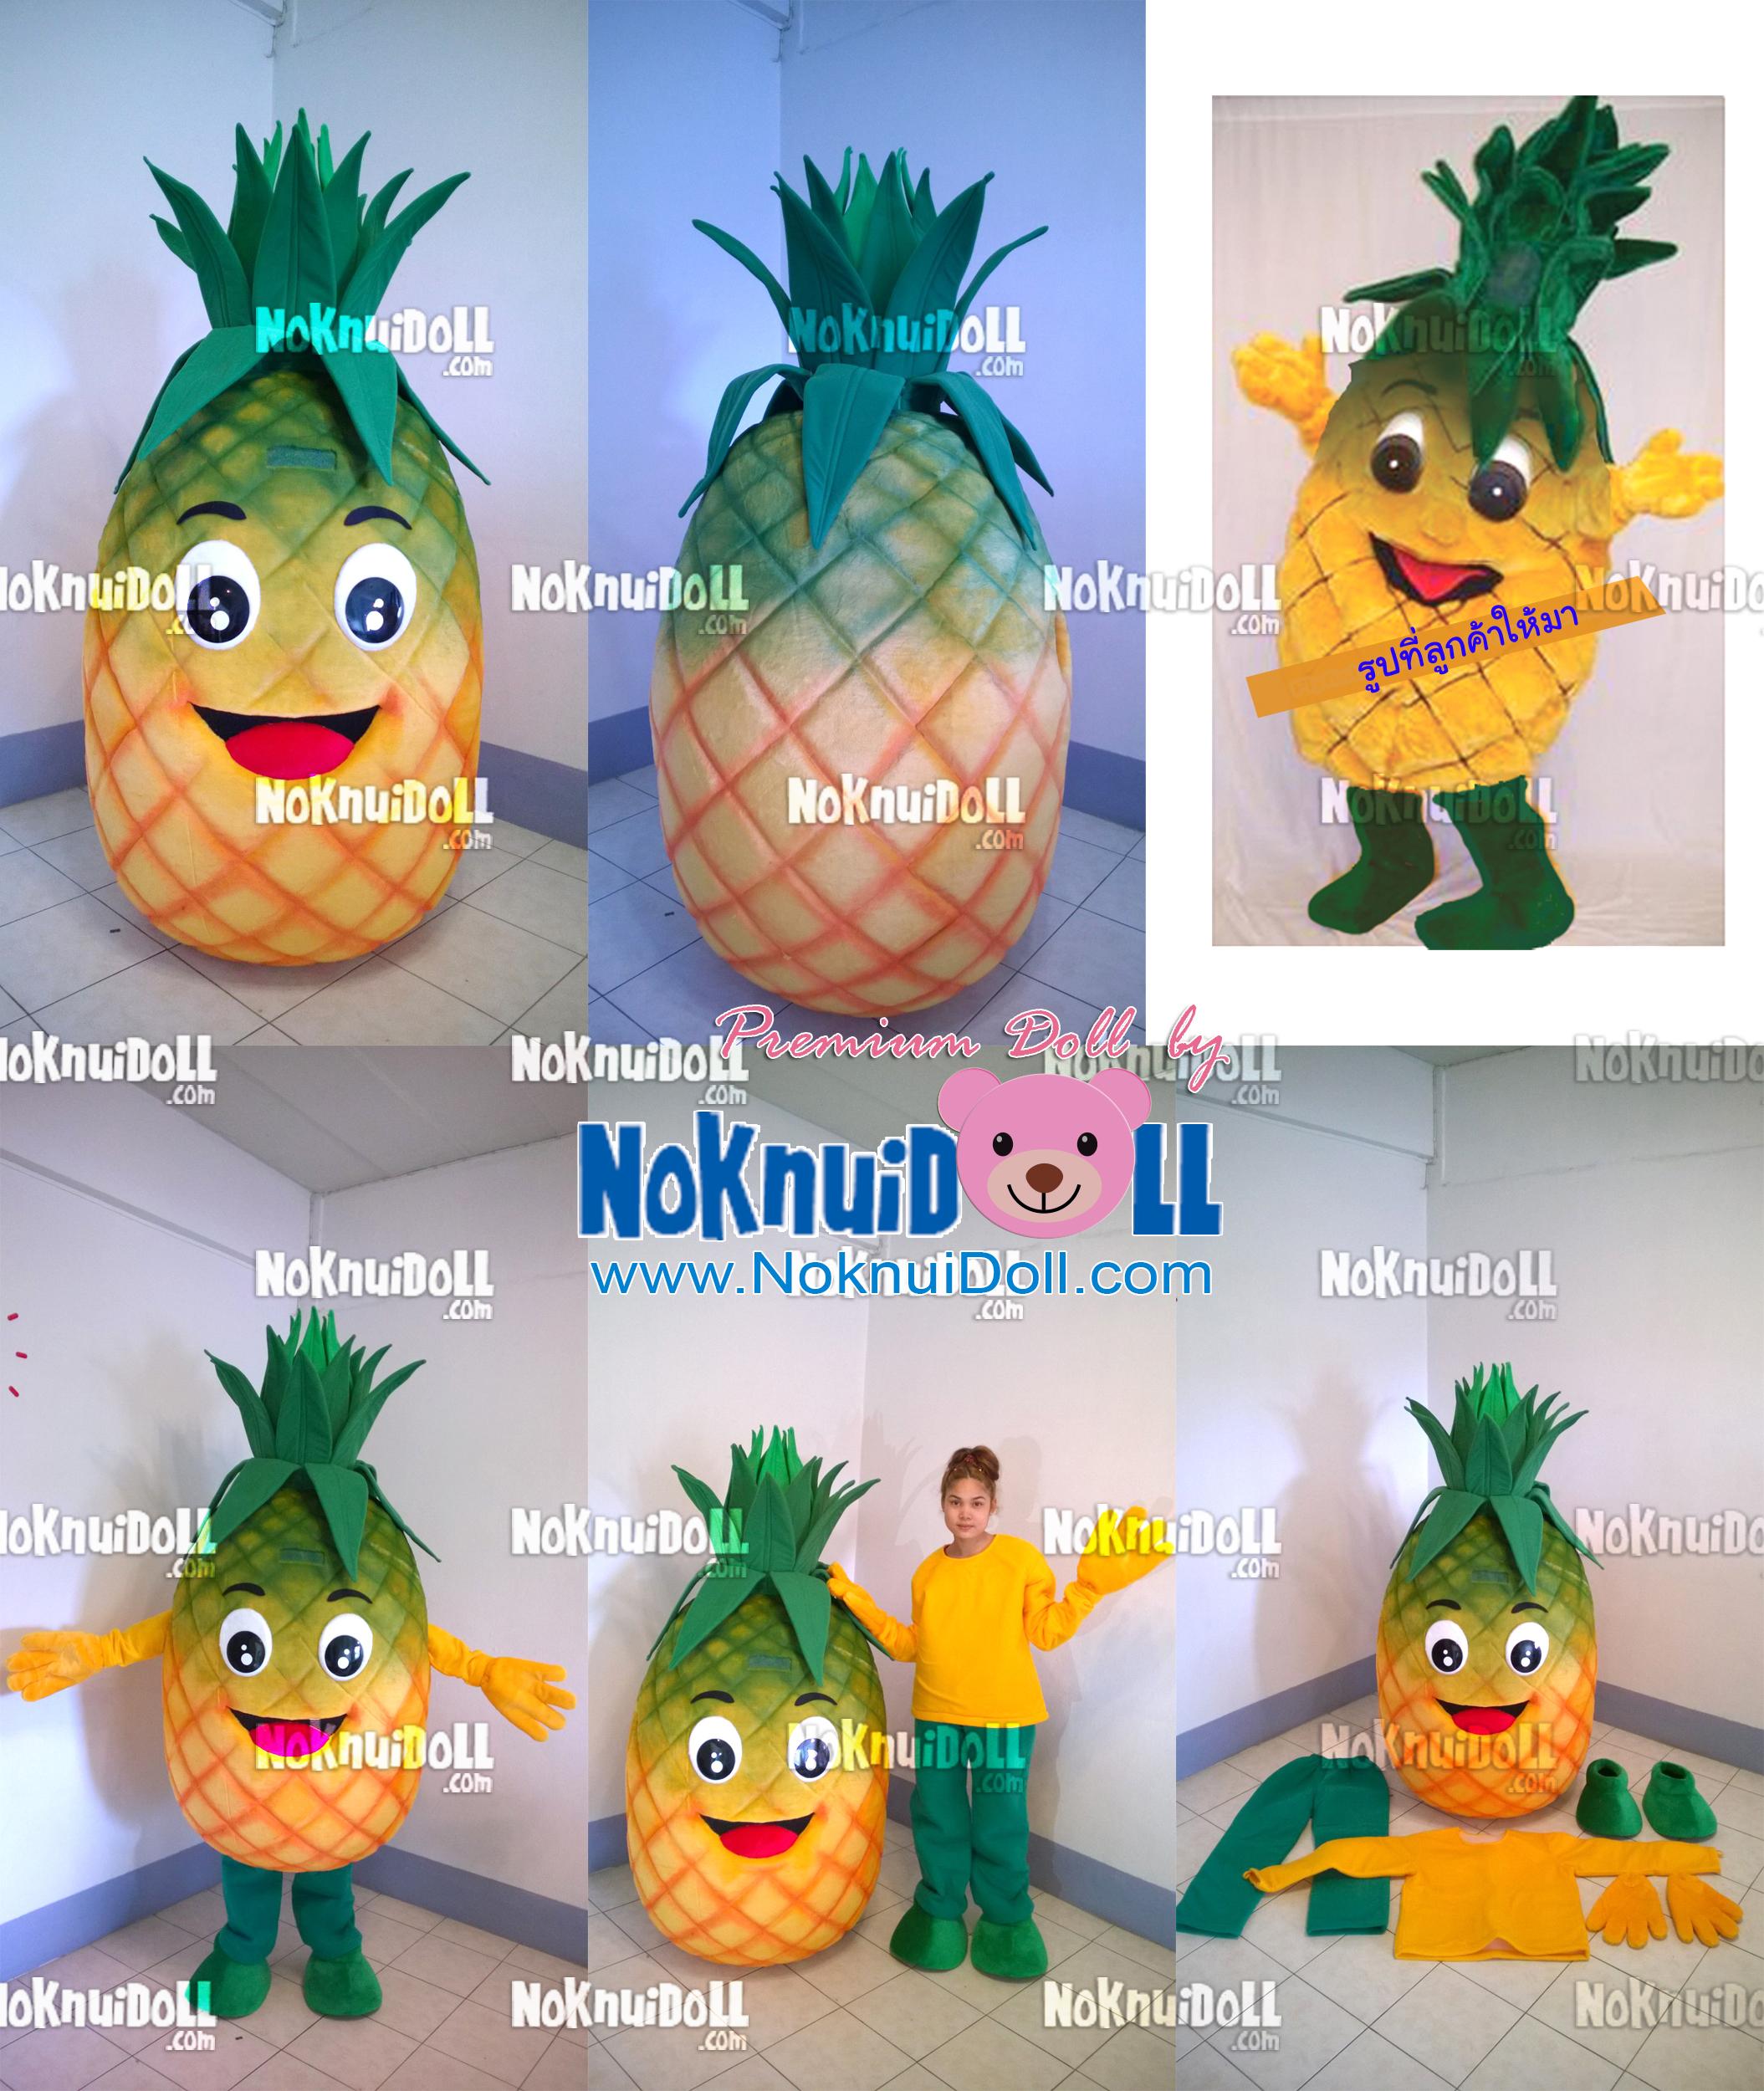 มาสคอทตุ๊กตา (สวมใส่คน) ผลไม้ สับปะรด จ.อุตรดิตถ์